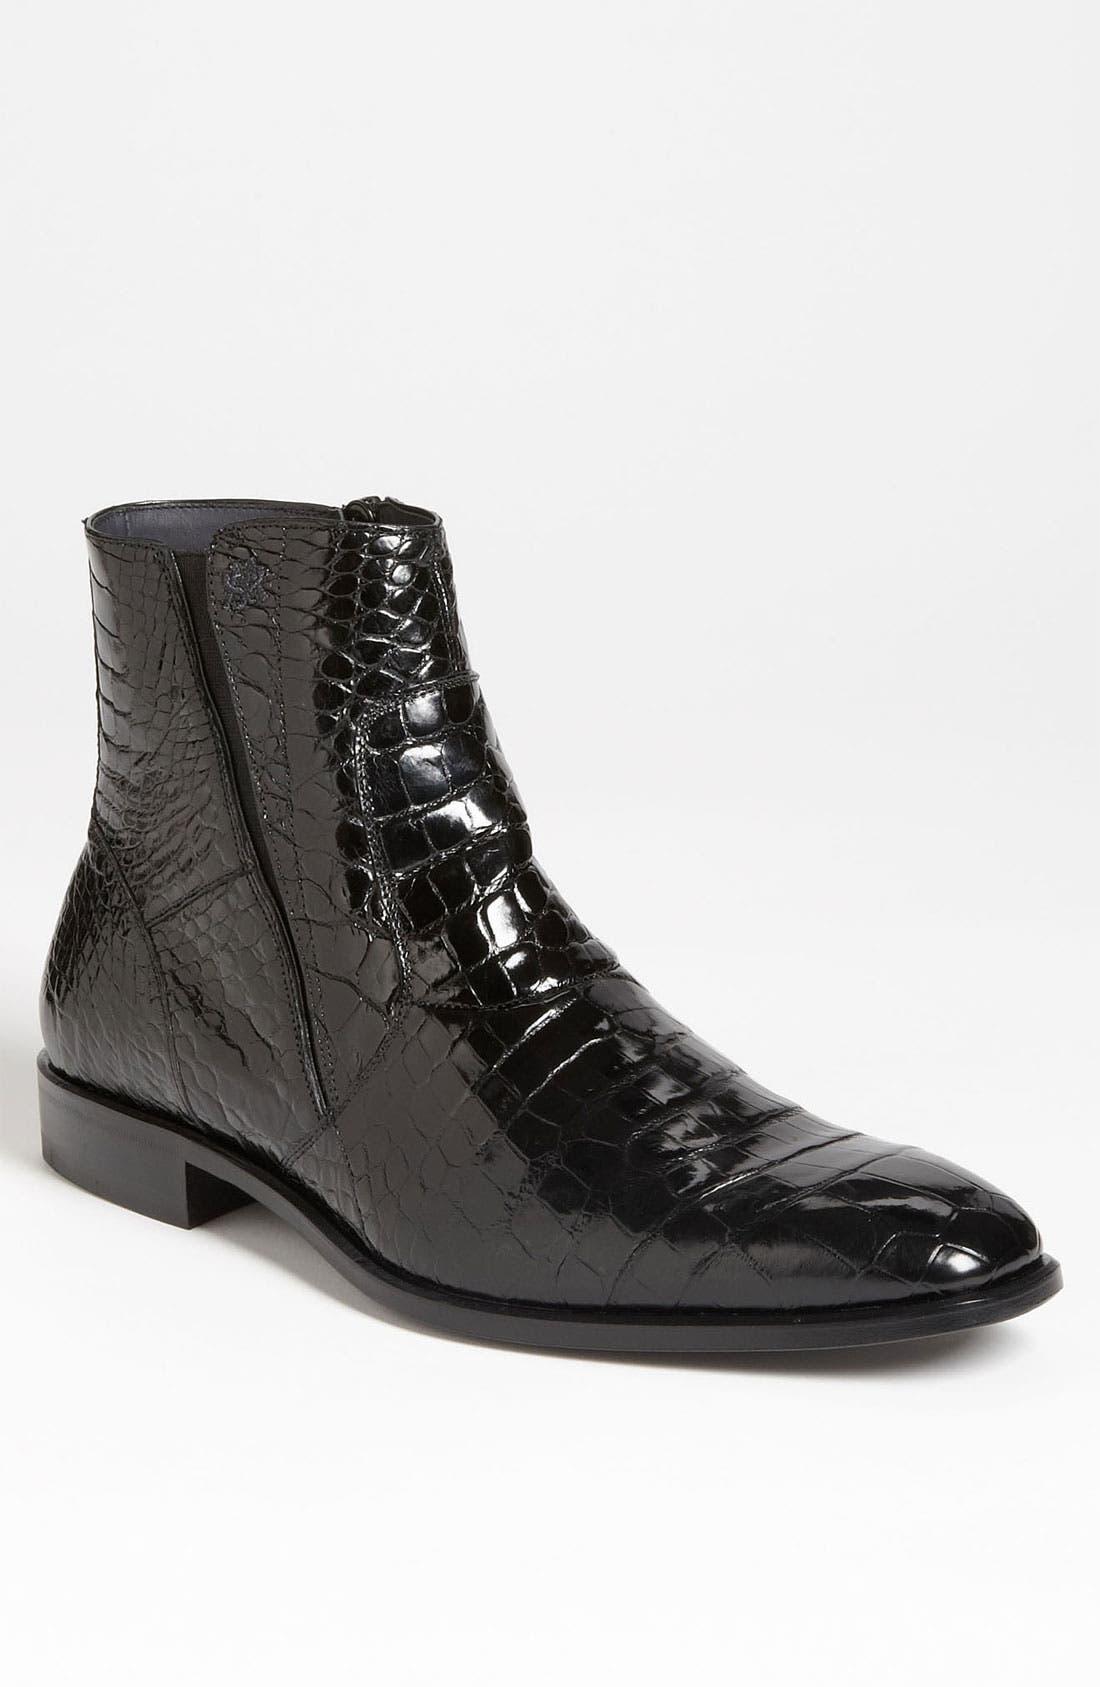 'Belucci' Alligator Boot